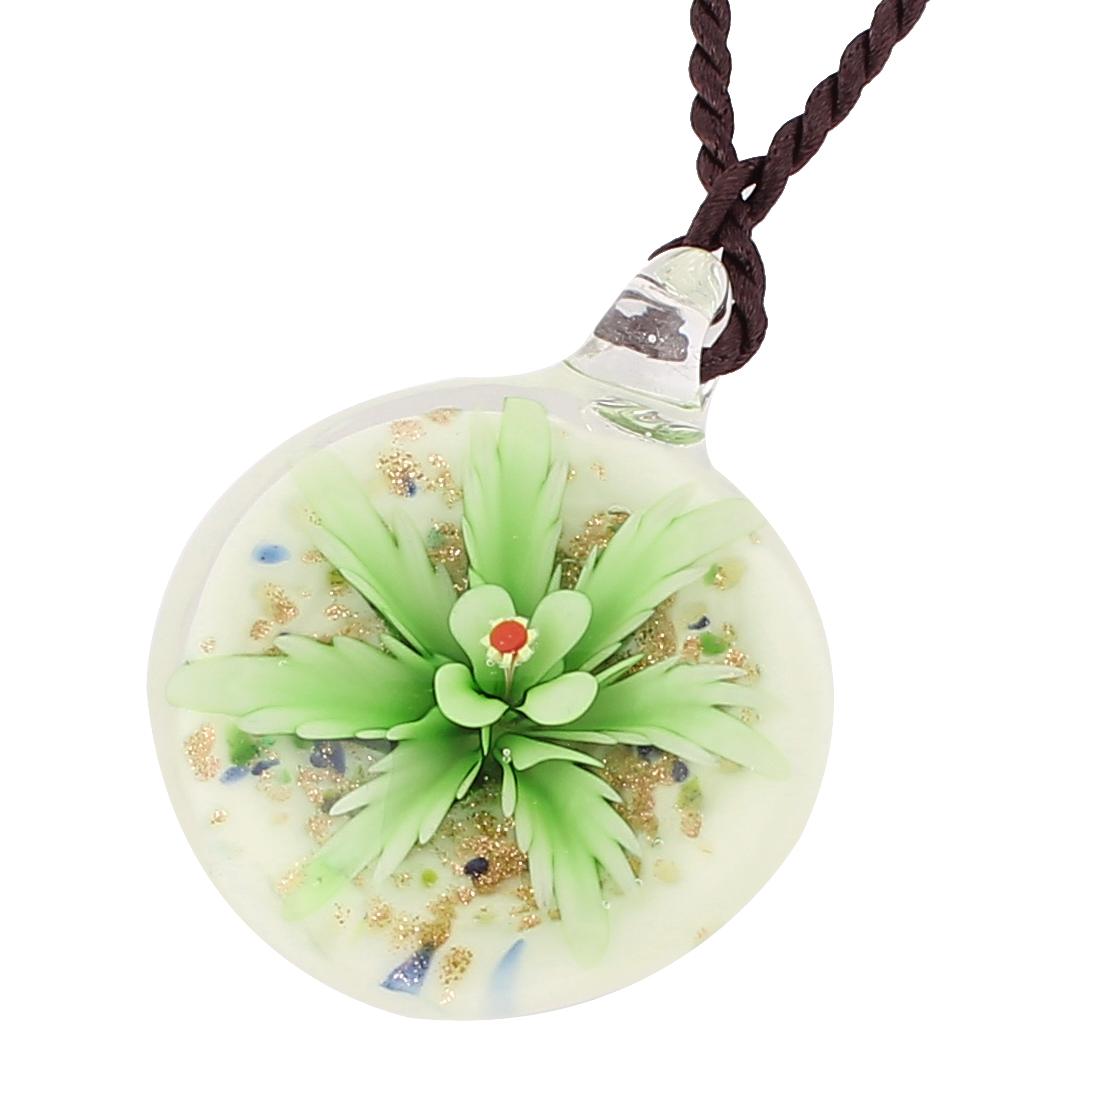 Nylon String Glass Pressed Flower Design Pendant Necklace Green White